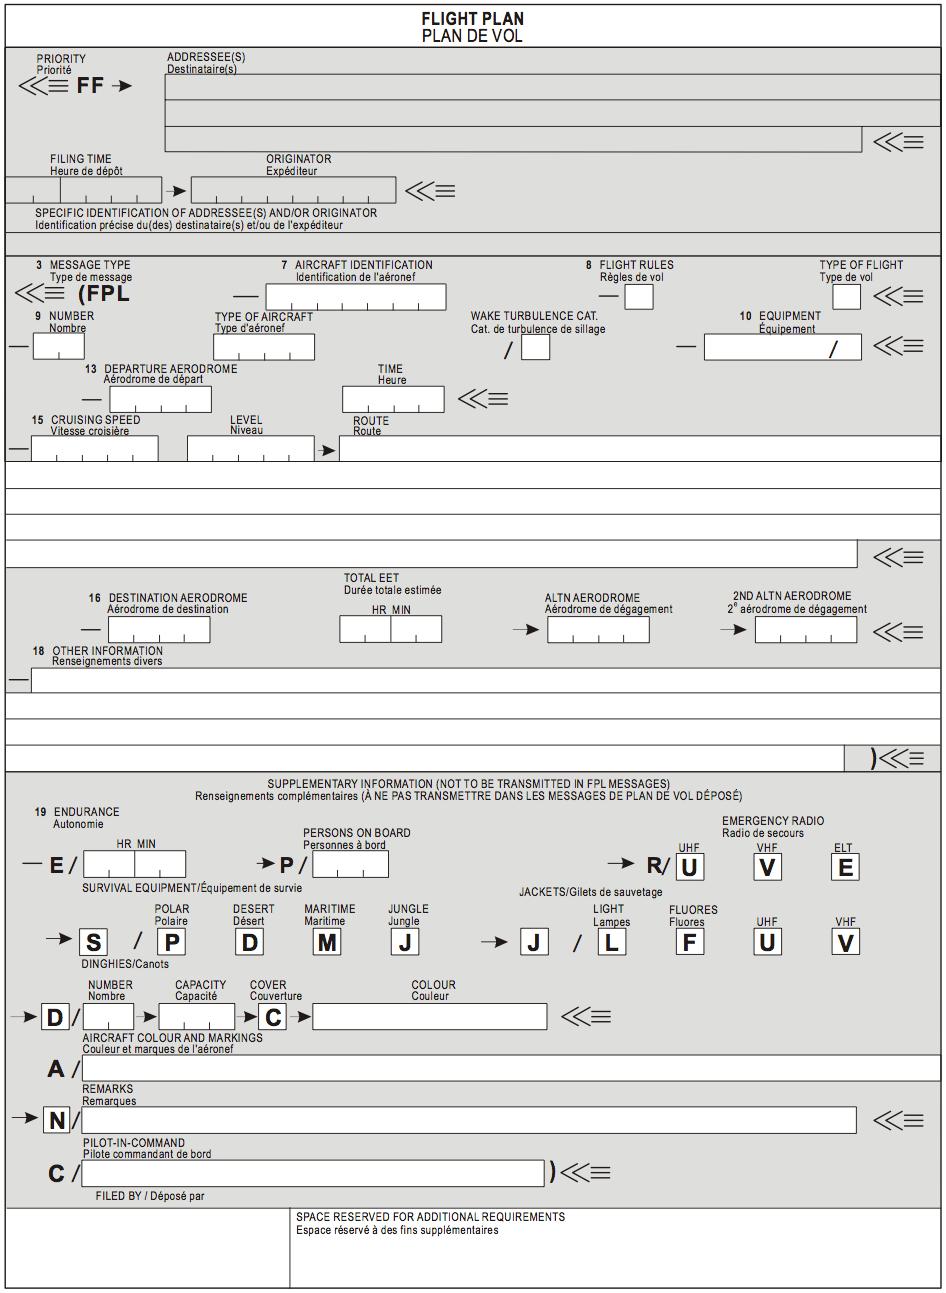 ICAO Model Flight Plan Form - Flight Crew Guide